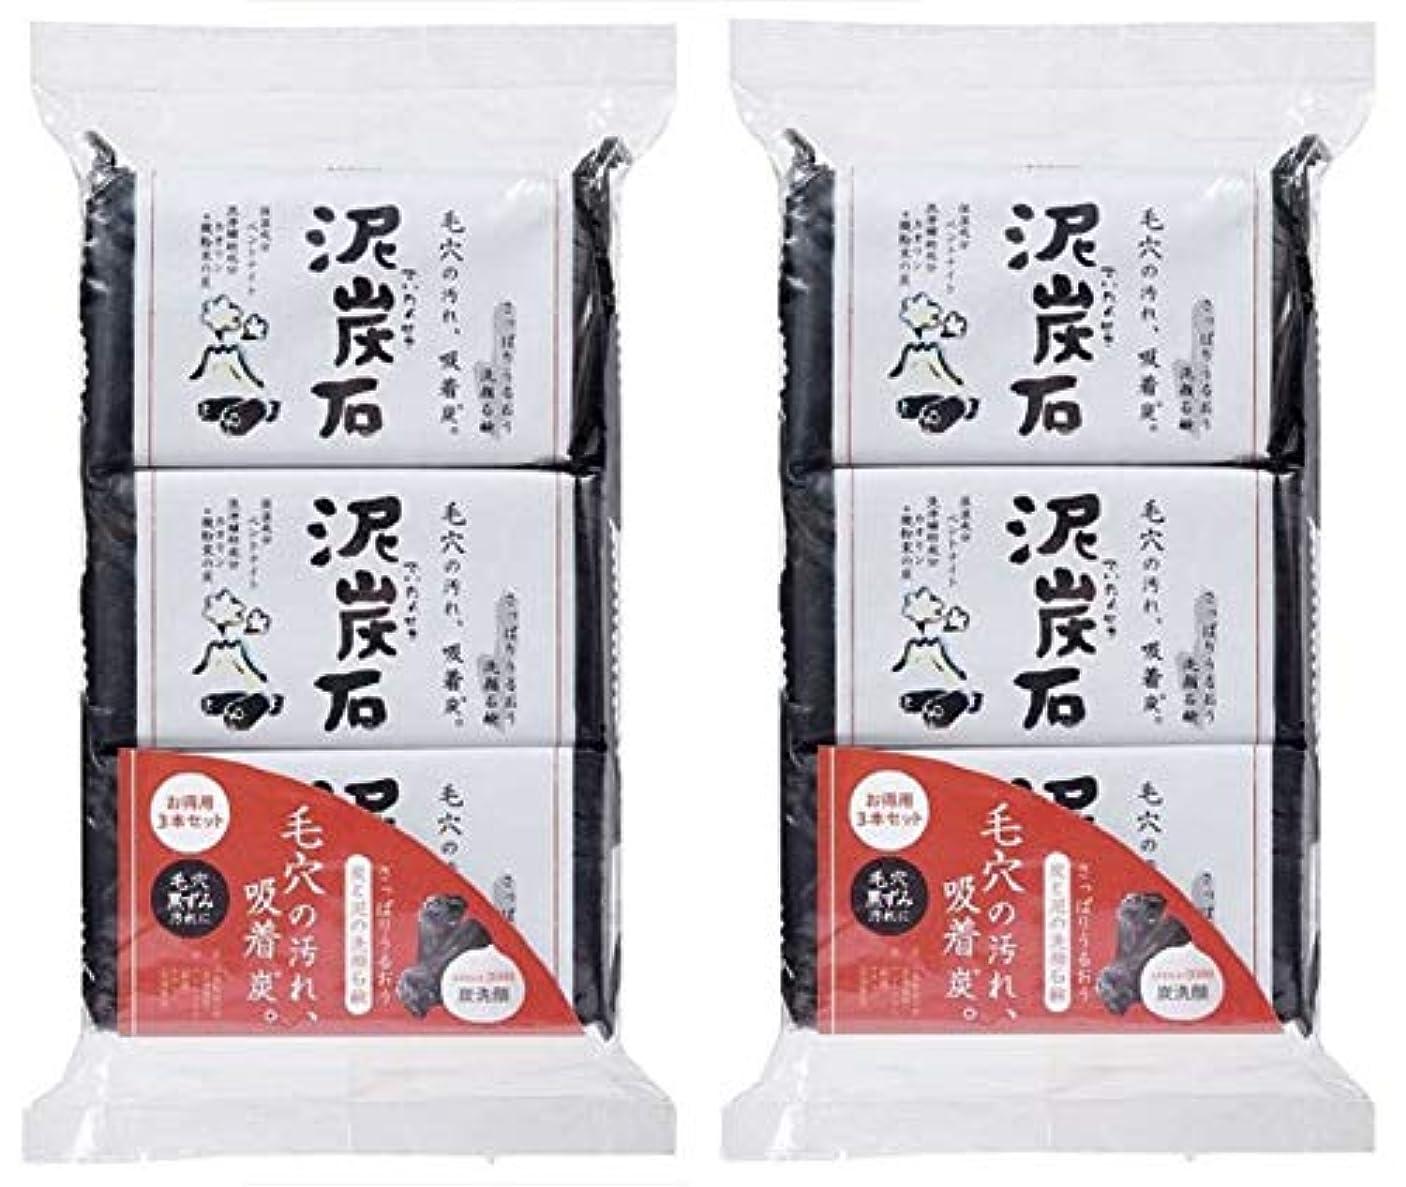 ピル耐えられないクラウン(まとめ買い)ペリカン石鹸 泥炭石 110g×3個 ×2セット